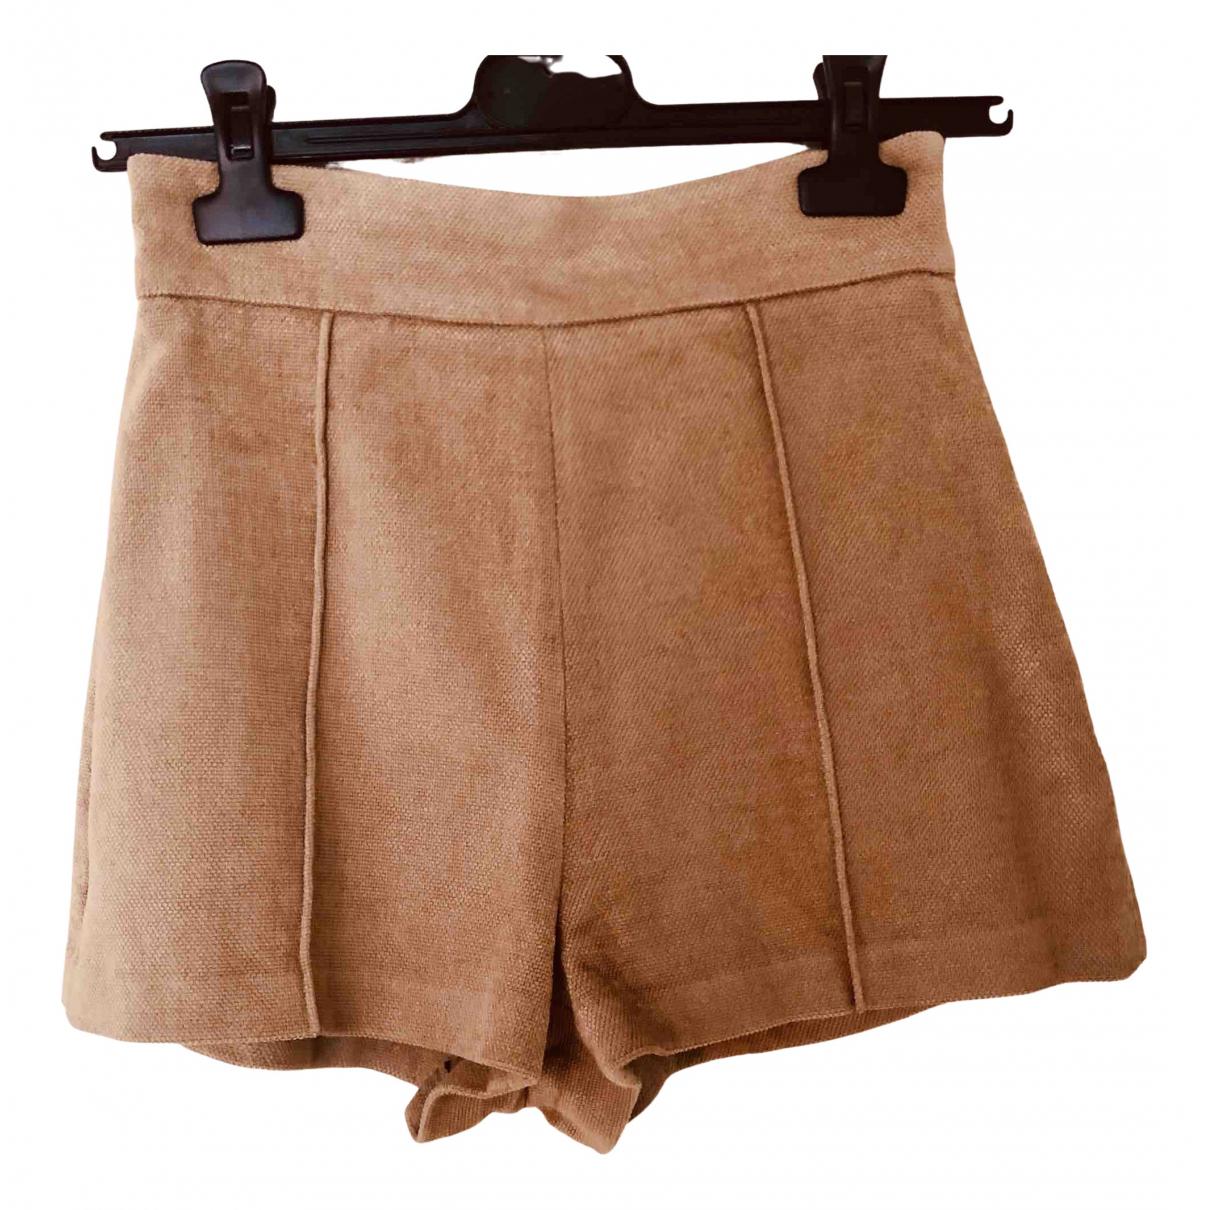 Elisabetta Franchi \N Shorts in  Kamel Baumwolle - Elasthan